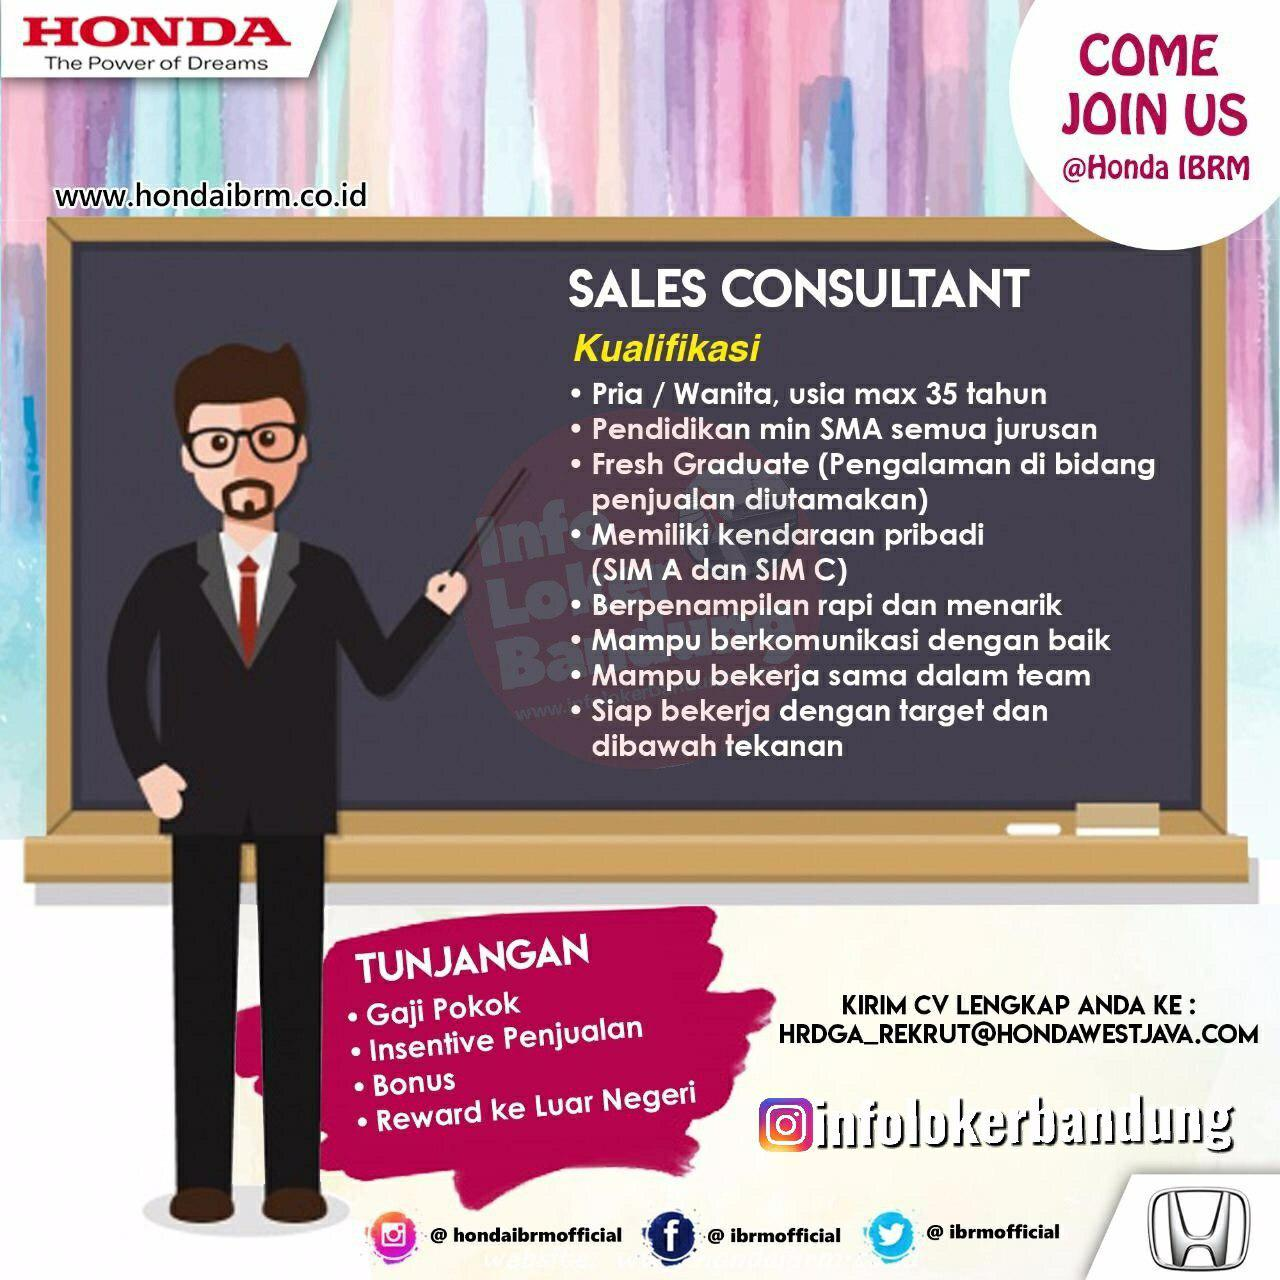 Lowongan Kerja Sales Consultant Honda IBRM Bandung OKtober 2019